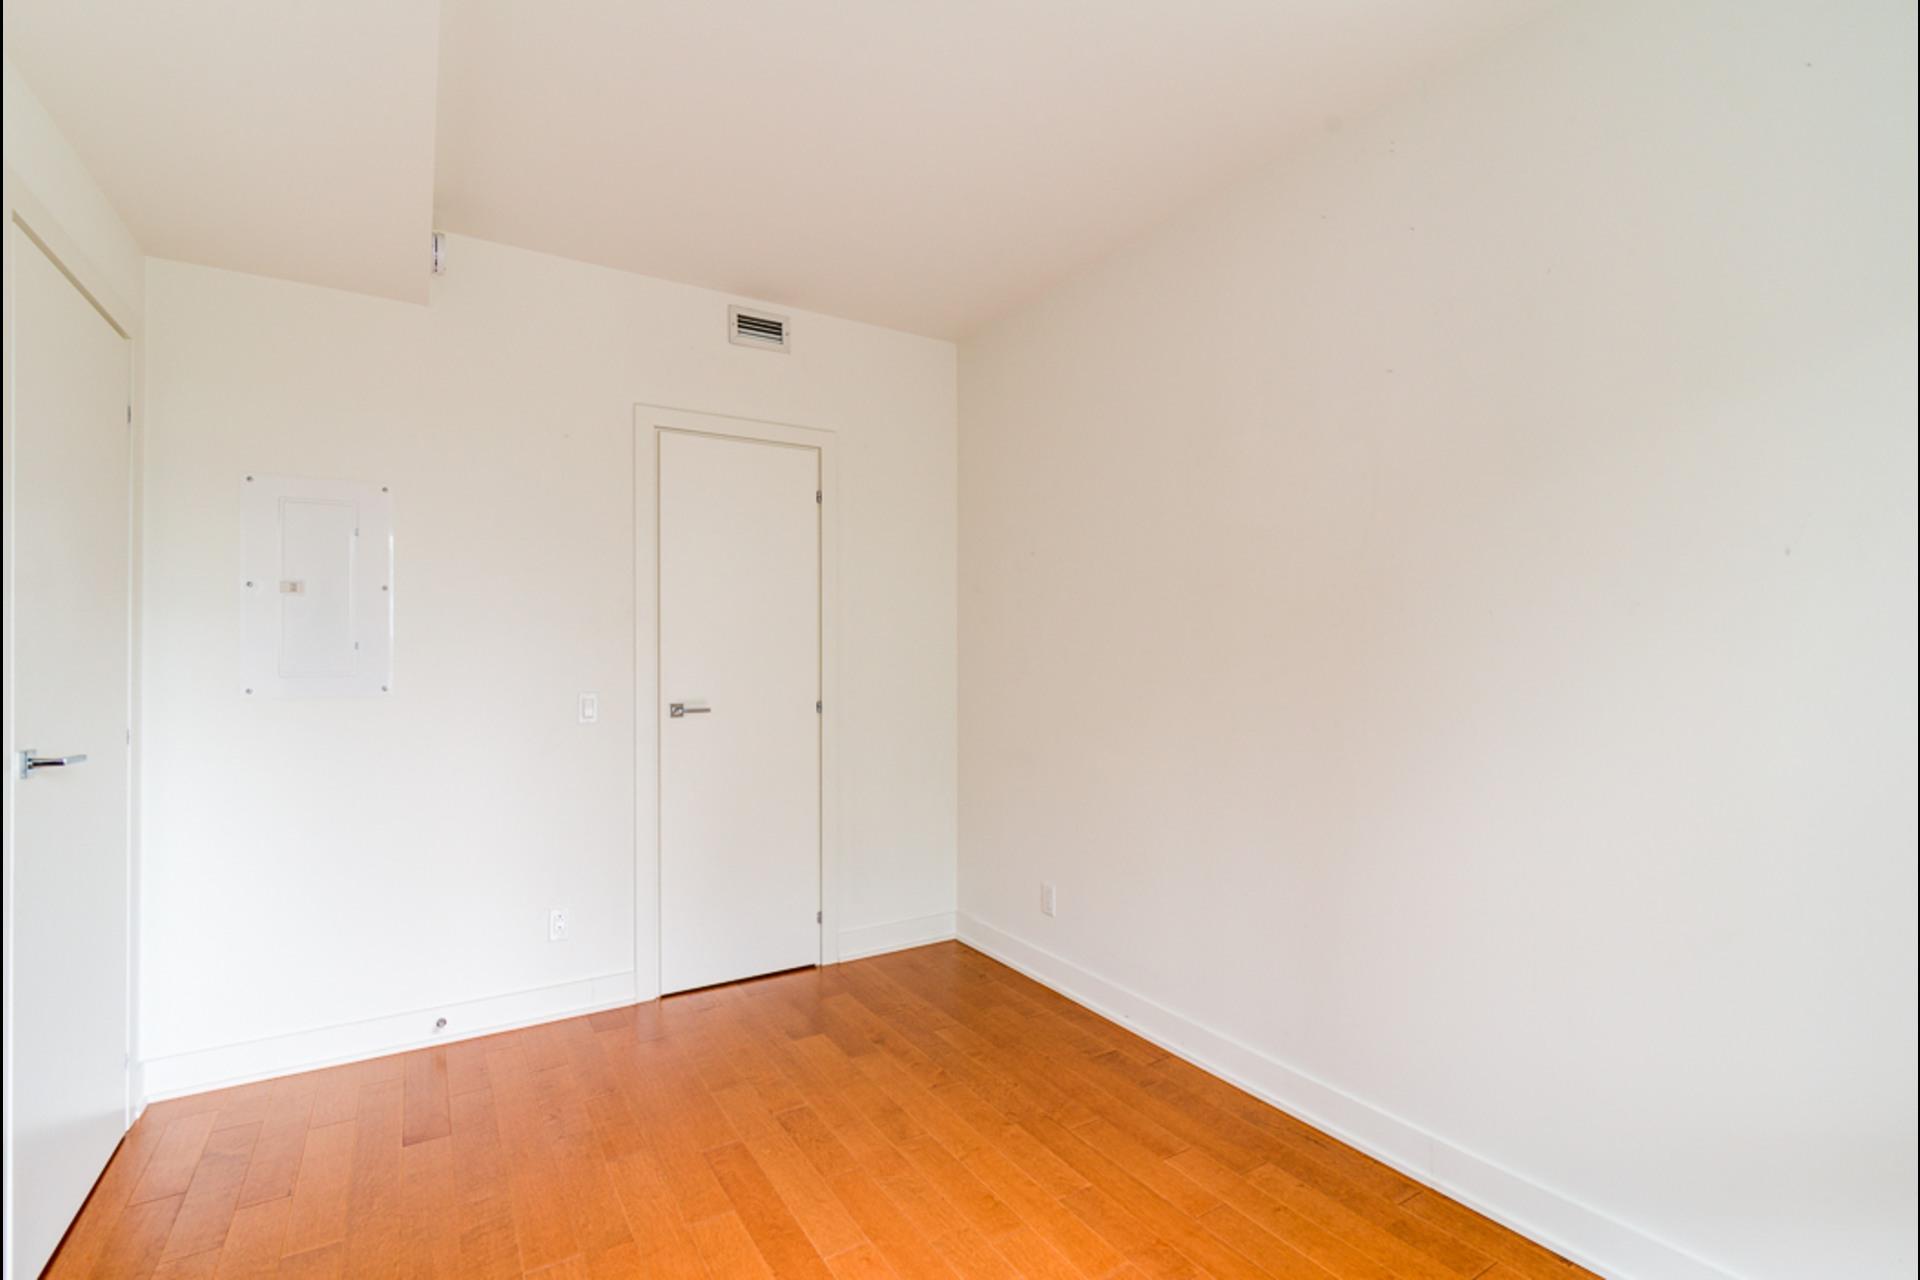 image 14 - Condo For rent Montréal